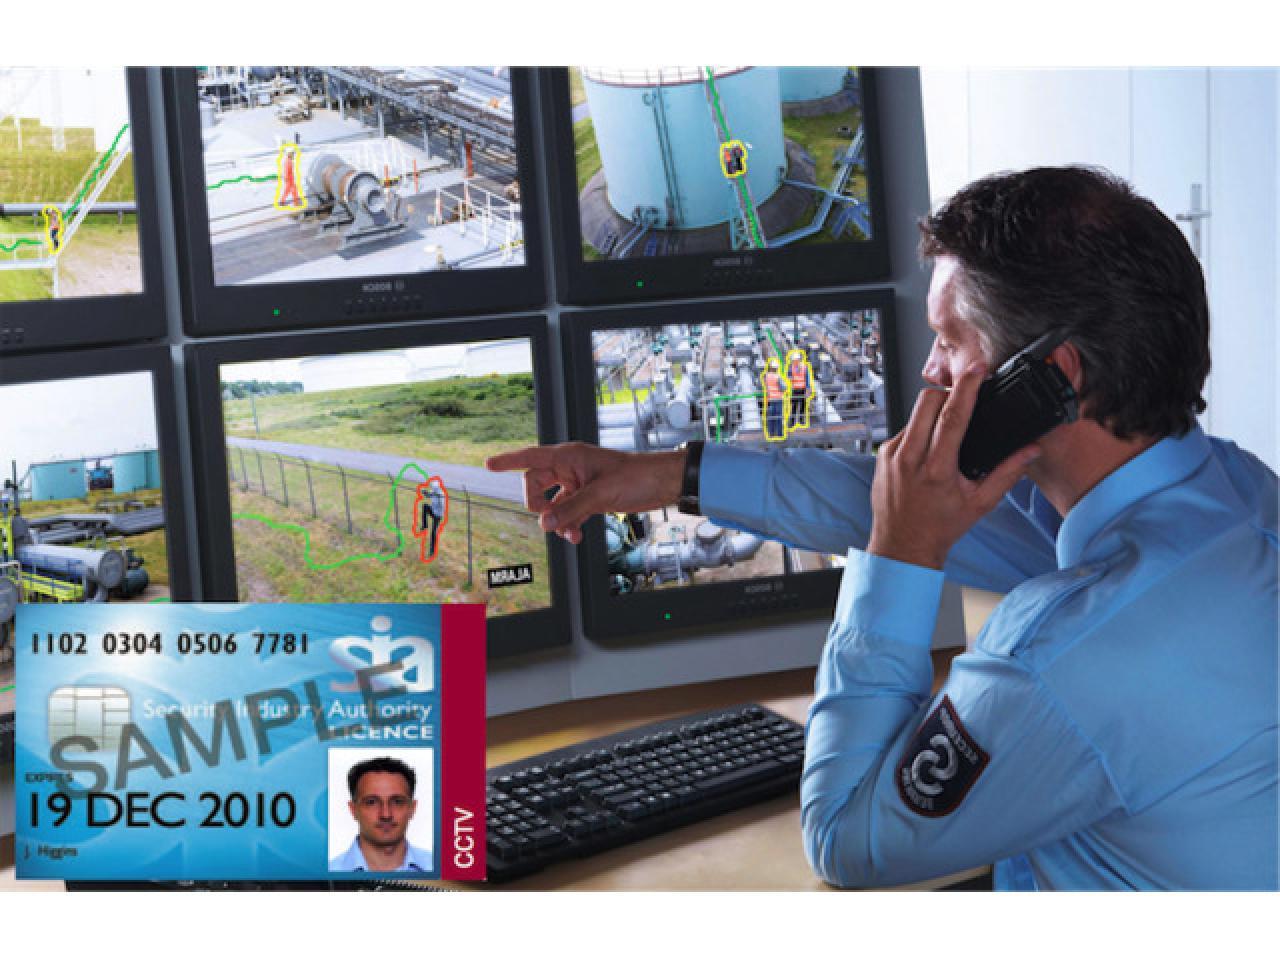 Security Company требуются мужчины и женщины на работу охранником,обучаем,помогаем получить лицензию - 3